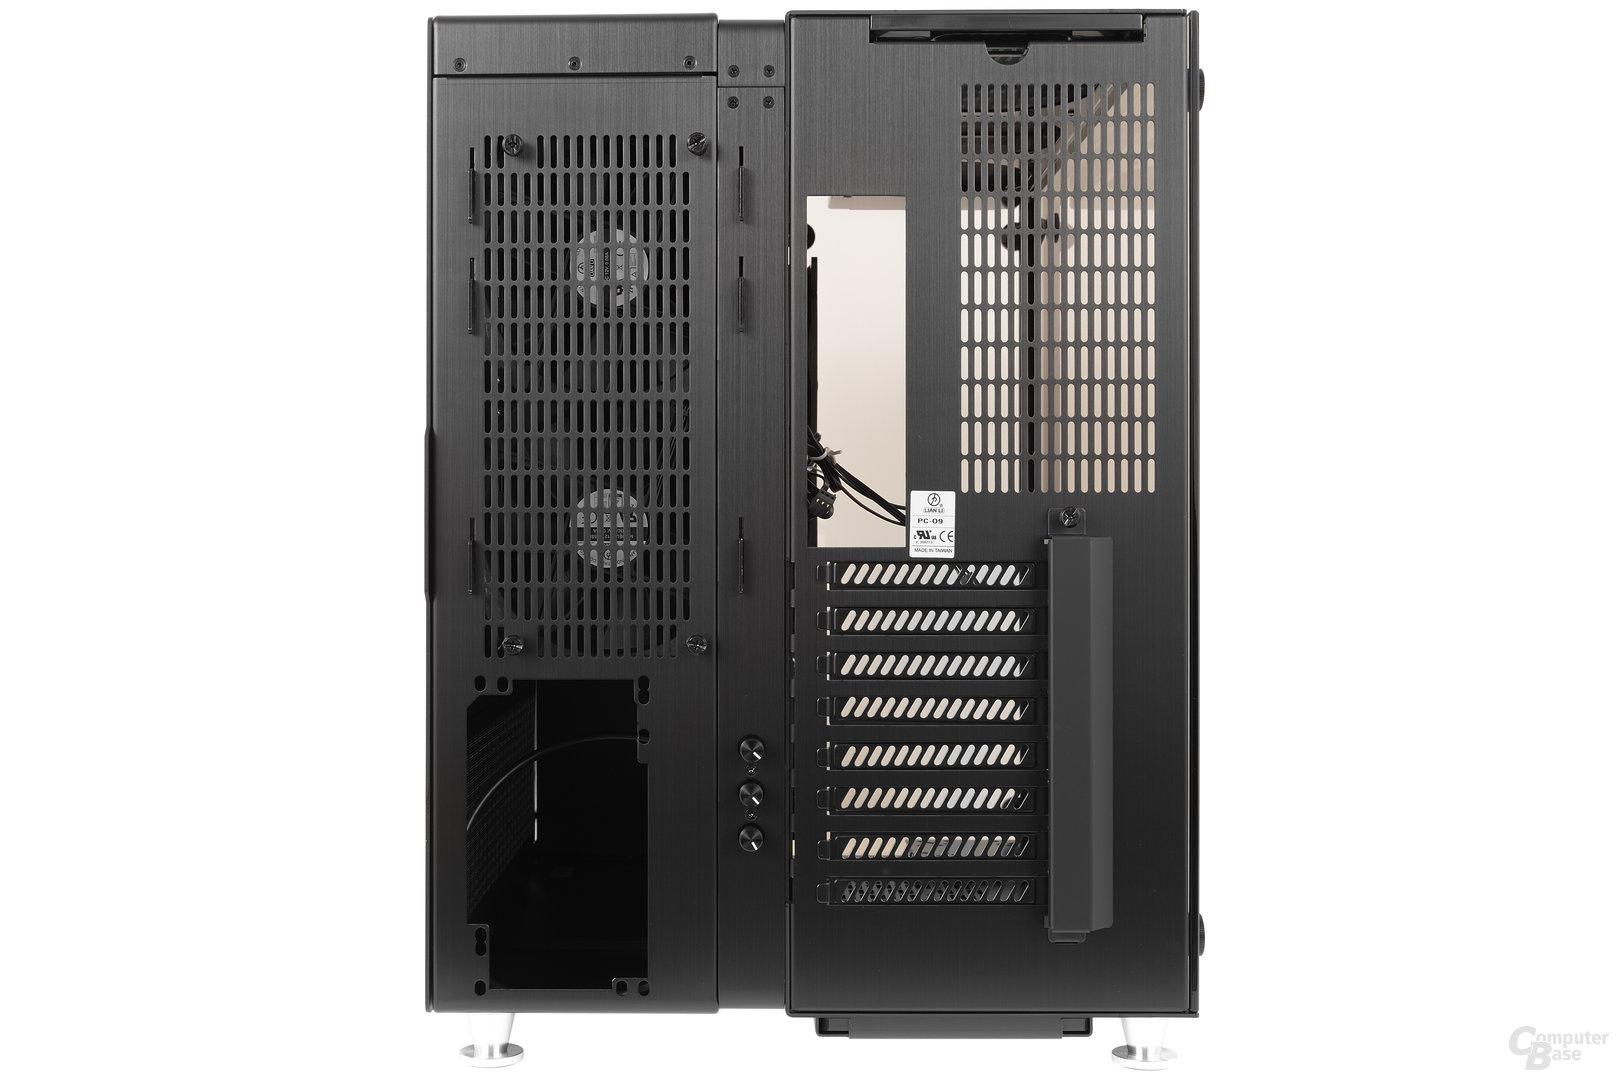 Lian Li PC-O9 – Heckansicht